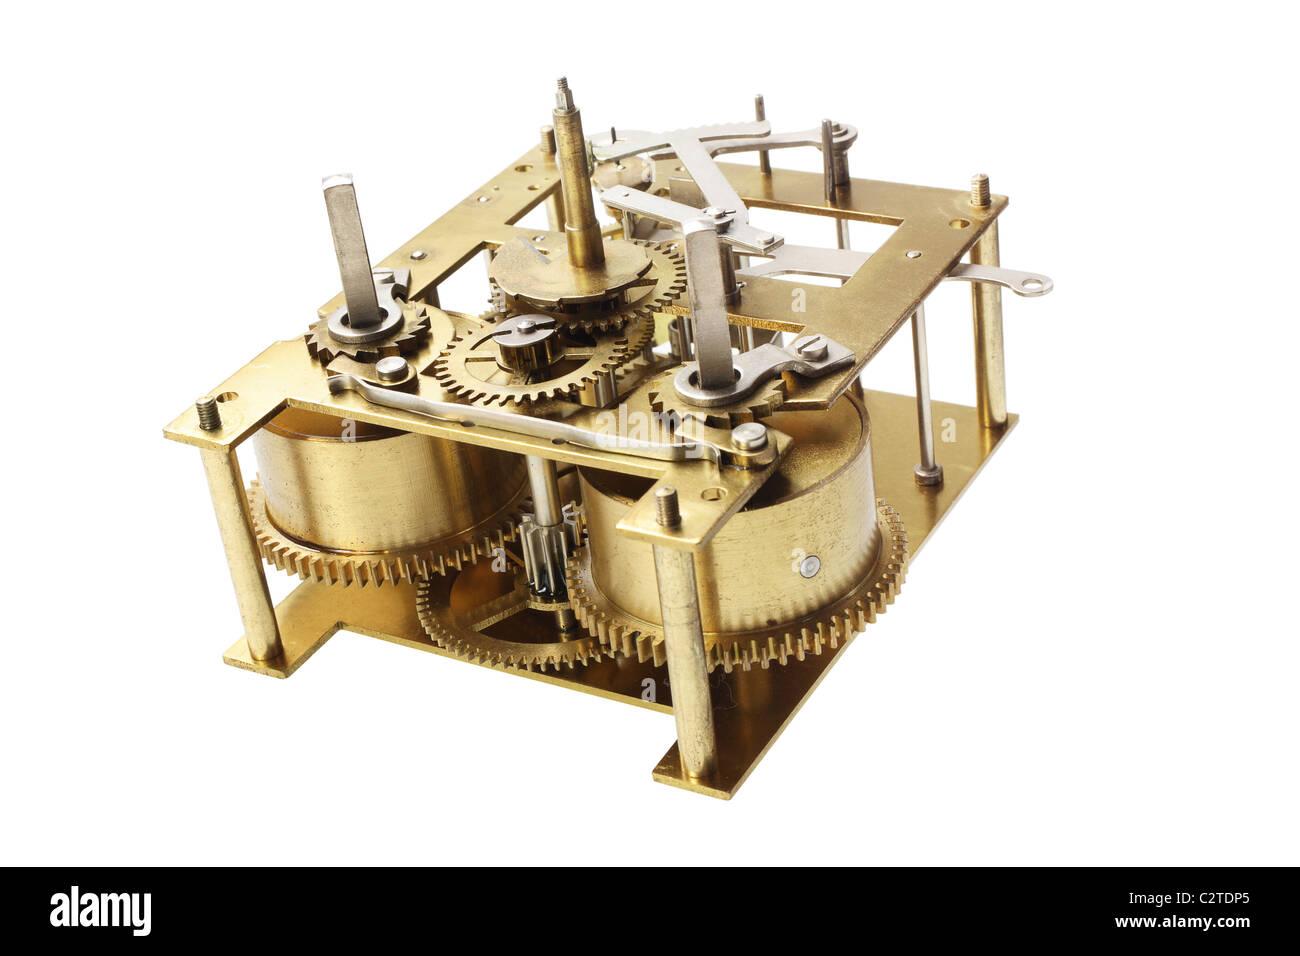 Piezas de relojería Imagen De Stock